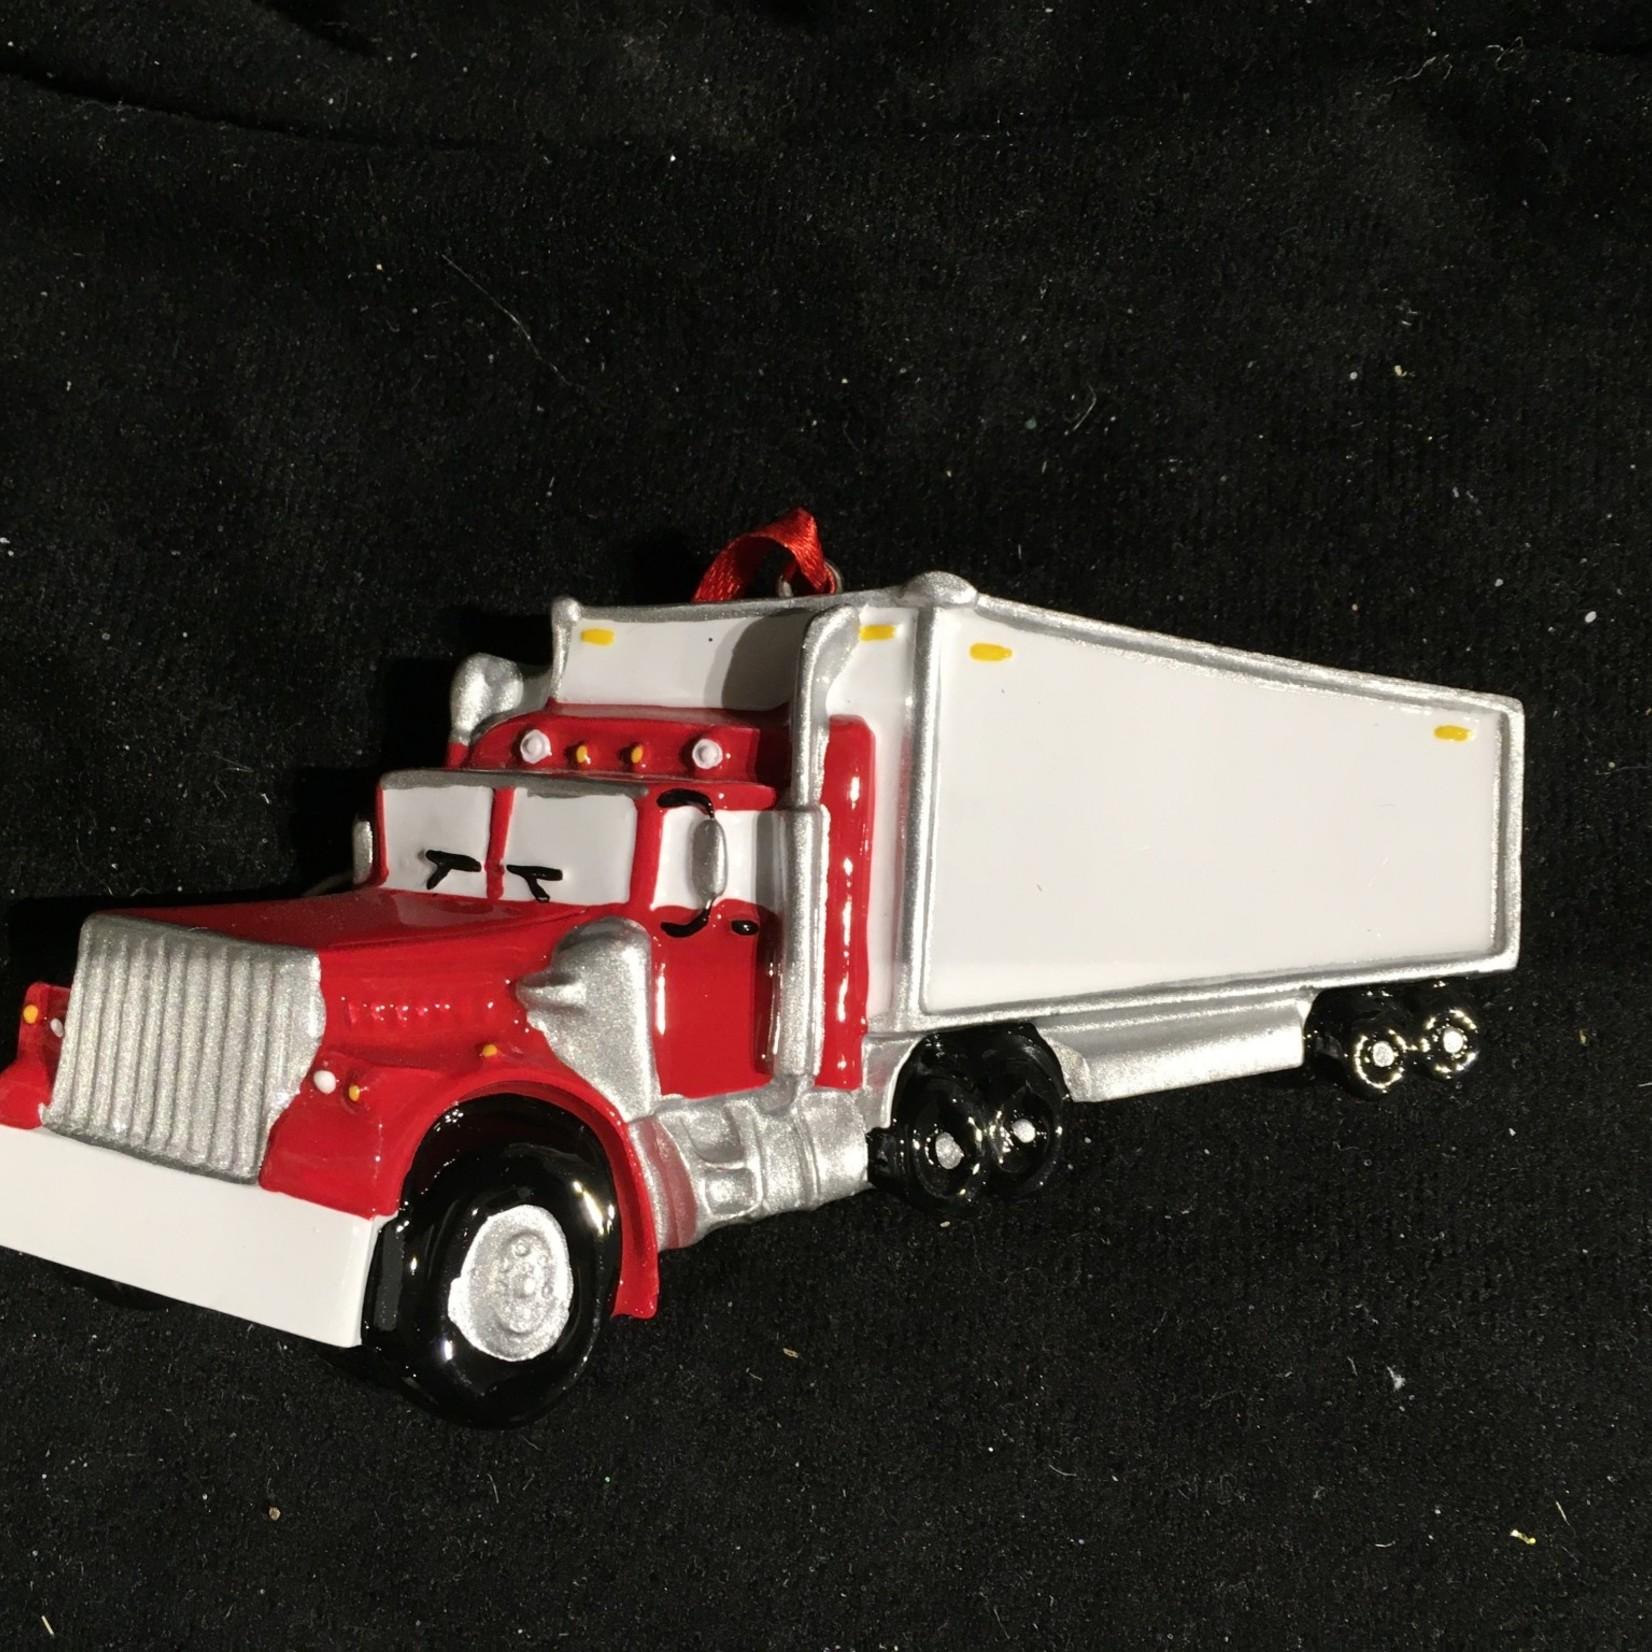 Personalized Semi Truck Orn